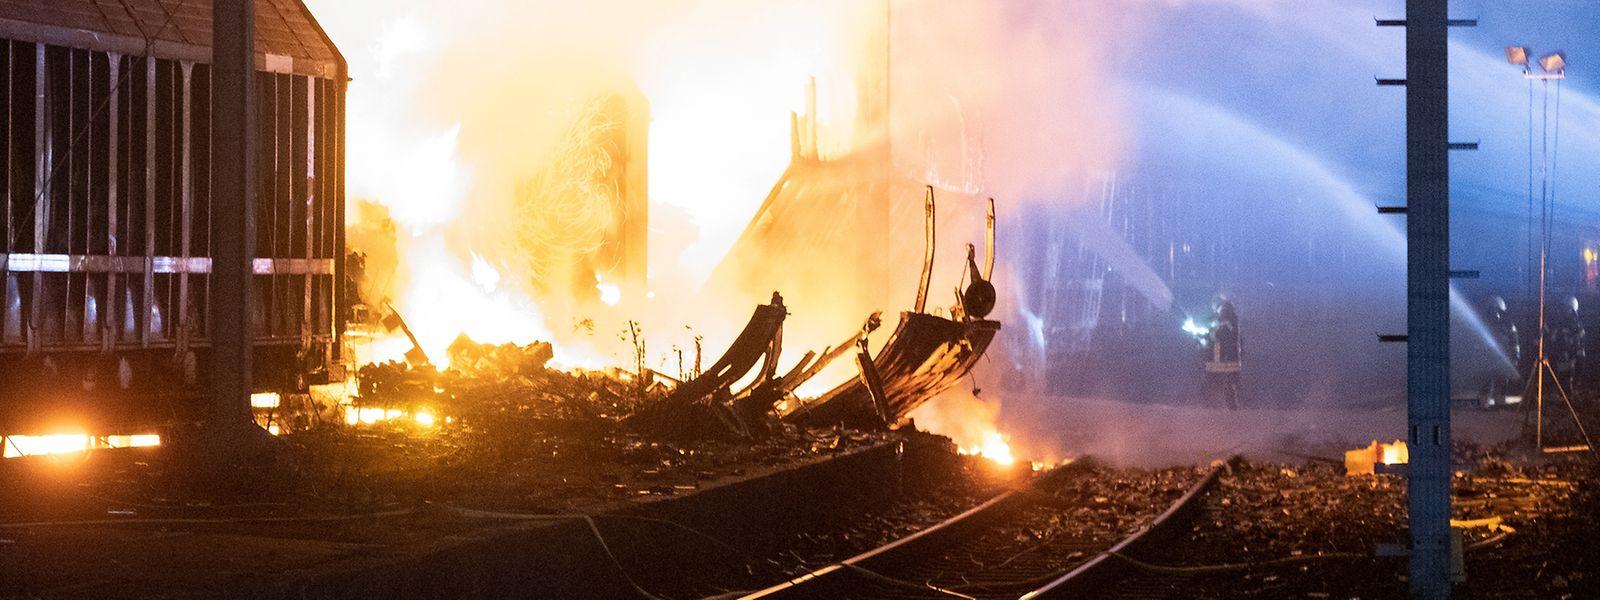 Mit Spraydosen beladene Güterwaggons brennen in der Nacht im rheinland-pfälzischen Unkel.